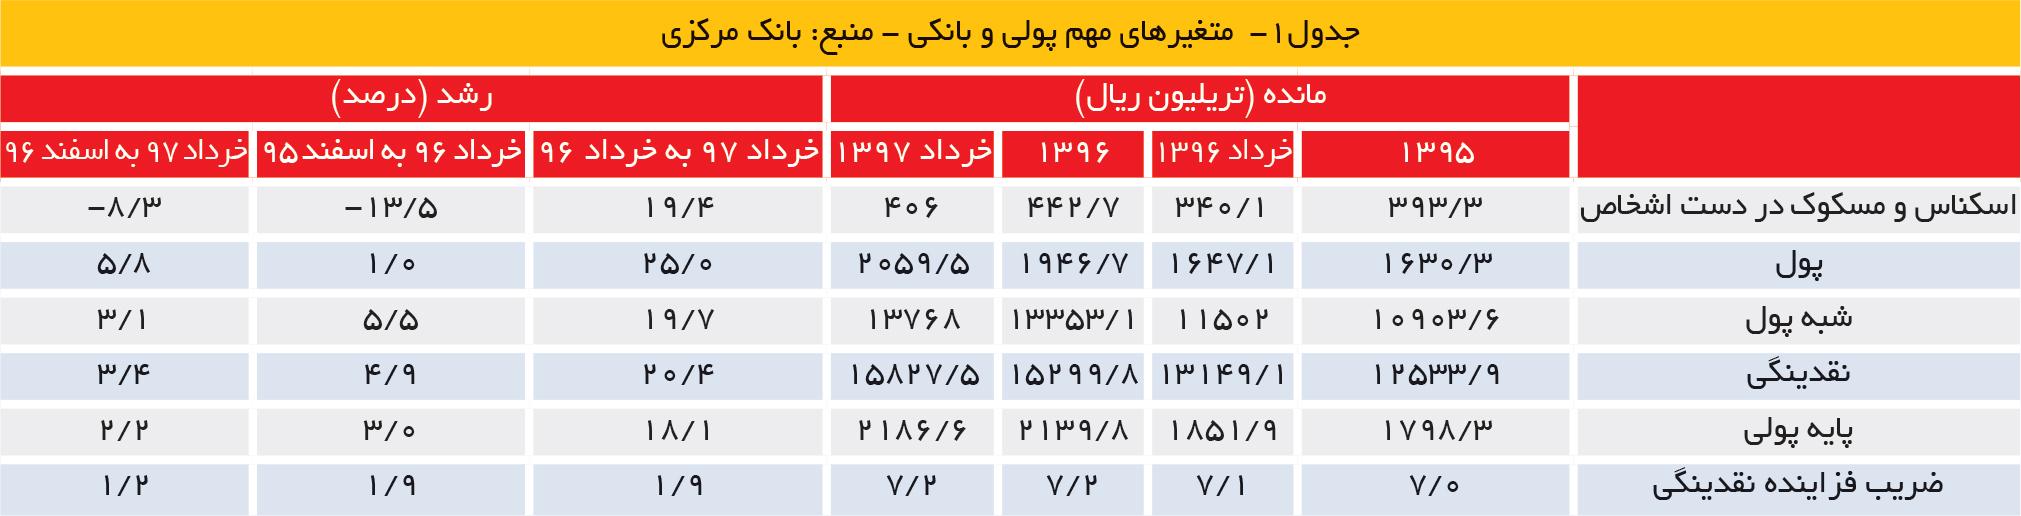 تجارت فردا- جدول1-  متغیرهای مهم پولی و بانکی - منبع: بانک مرکزی